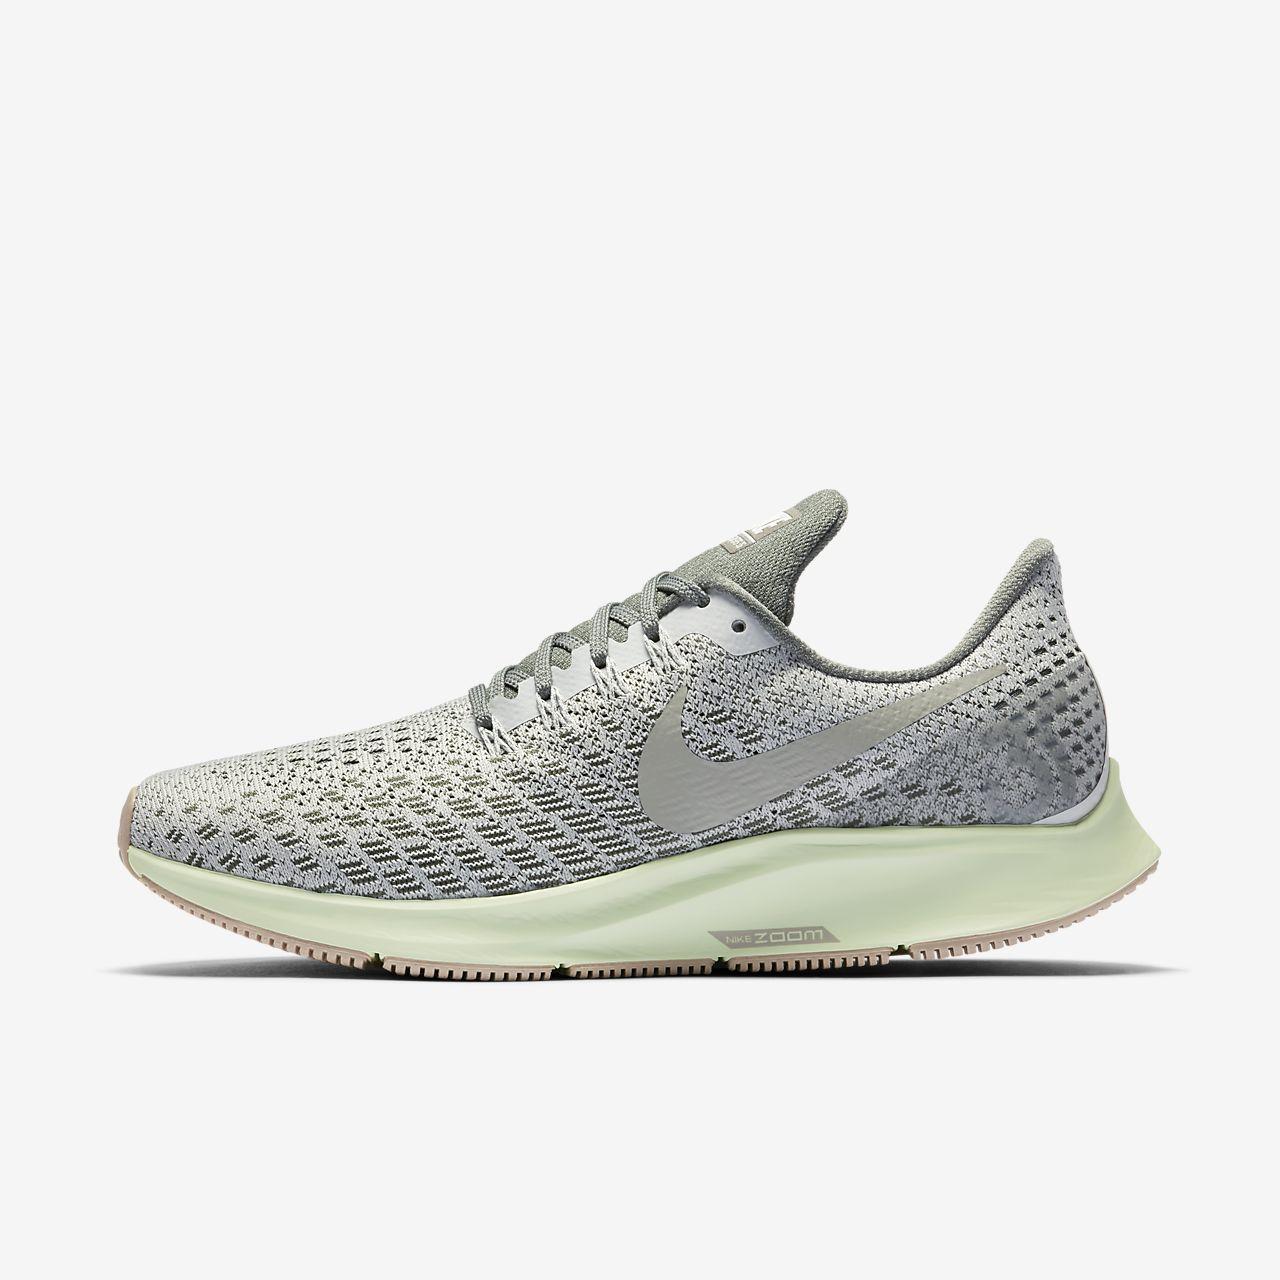 849de5c55701 Nike Air Zoom Pegasus 35 Women s Running Shoe. Nike.com LU